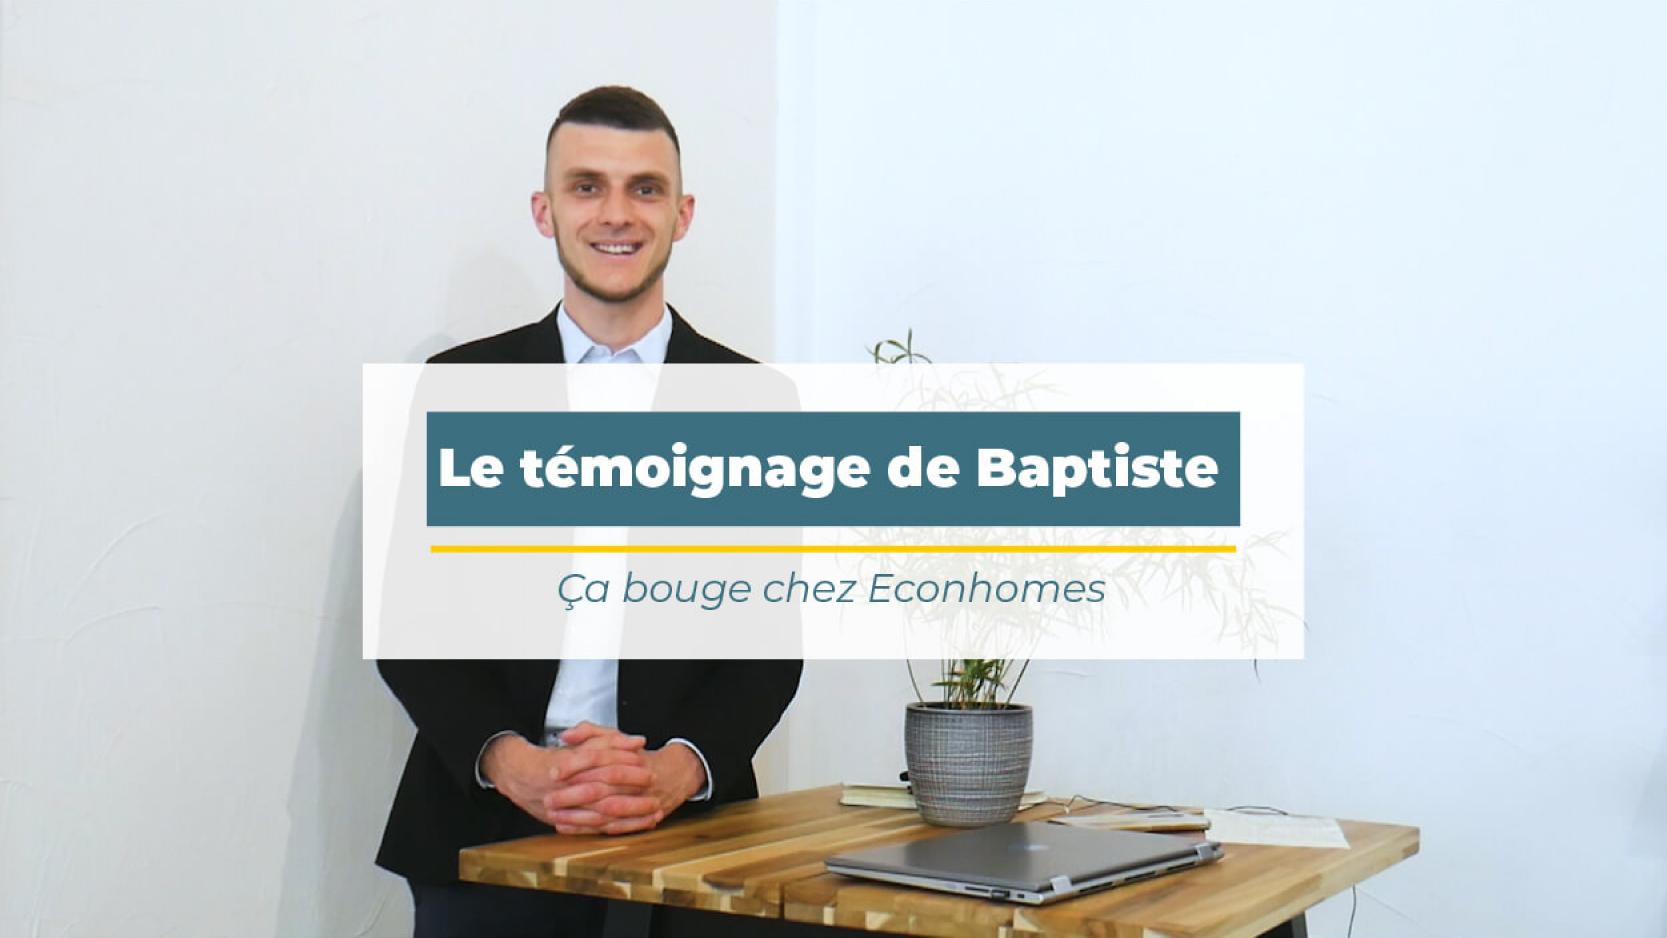 Vidéo : Le témoignage de Baptiste